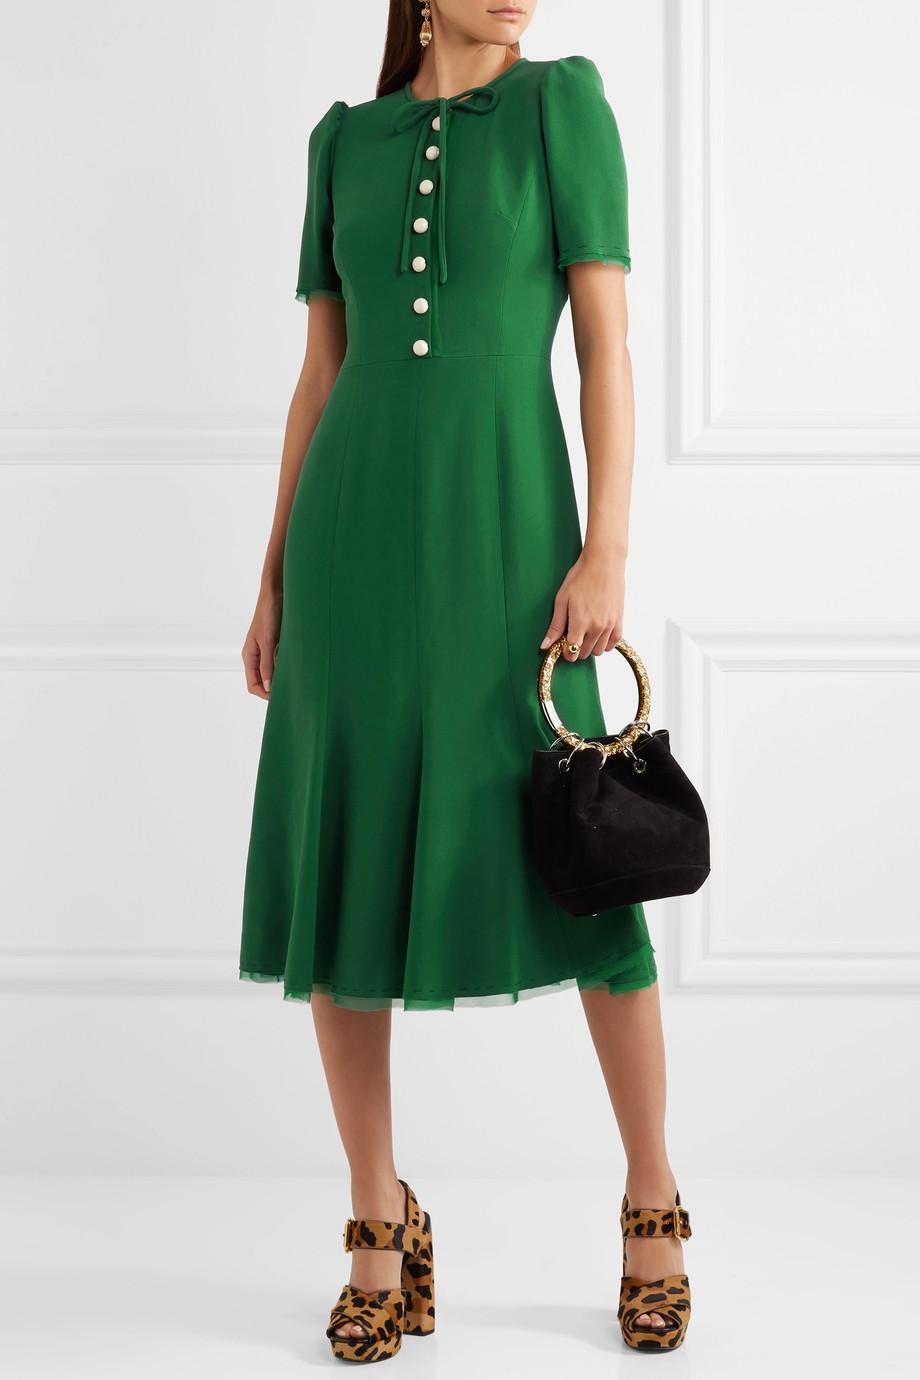 D&G green midi dress